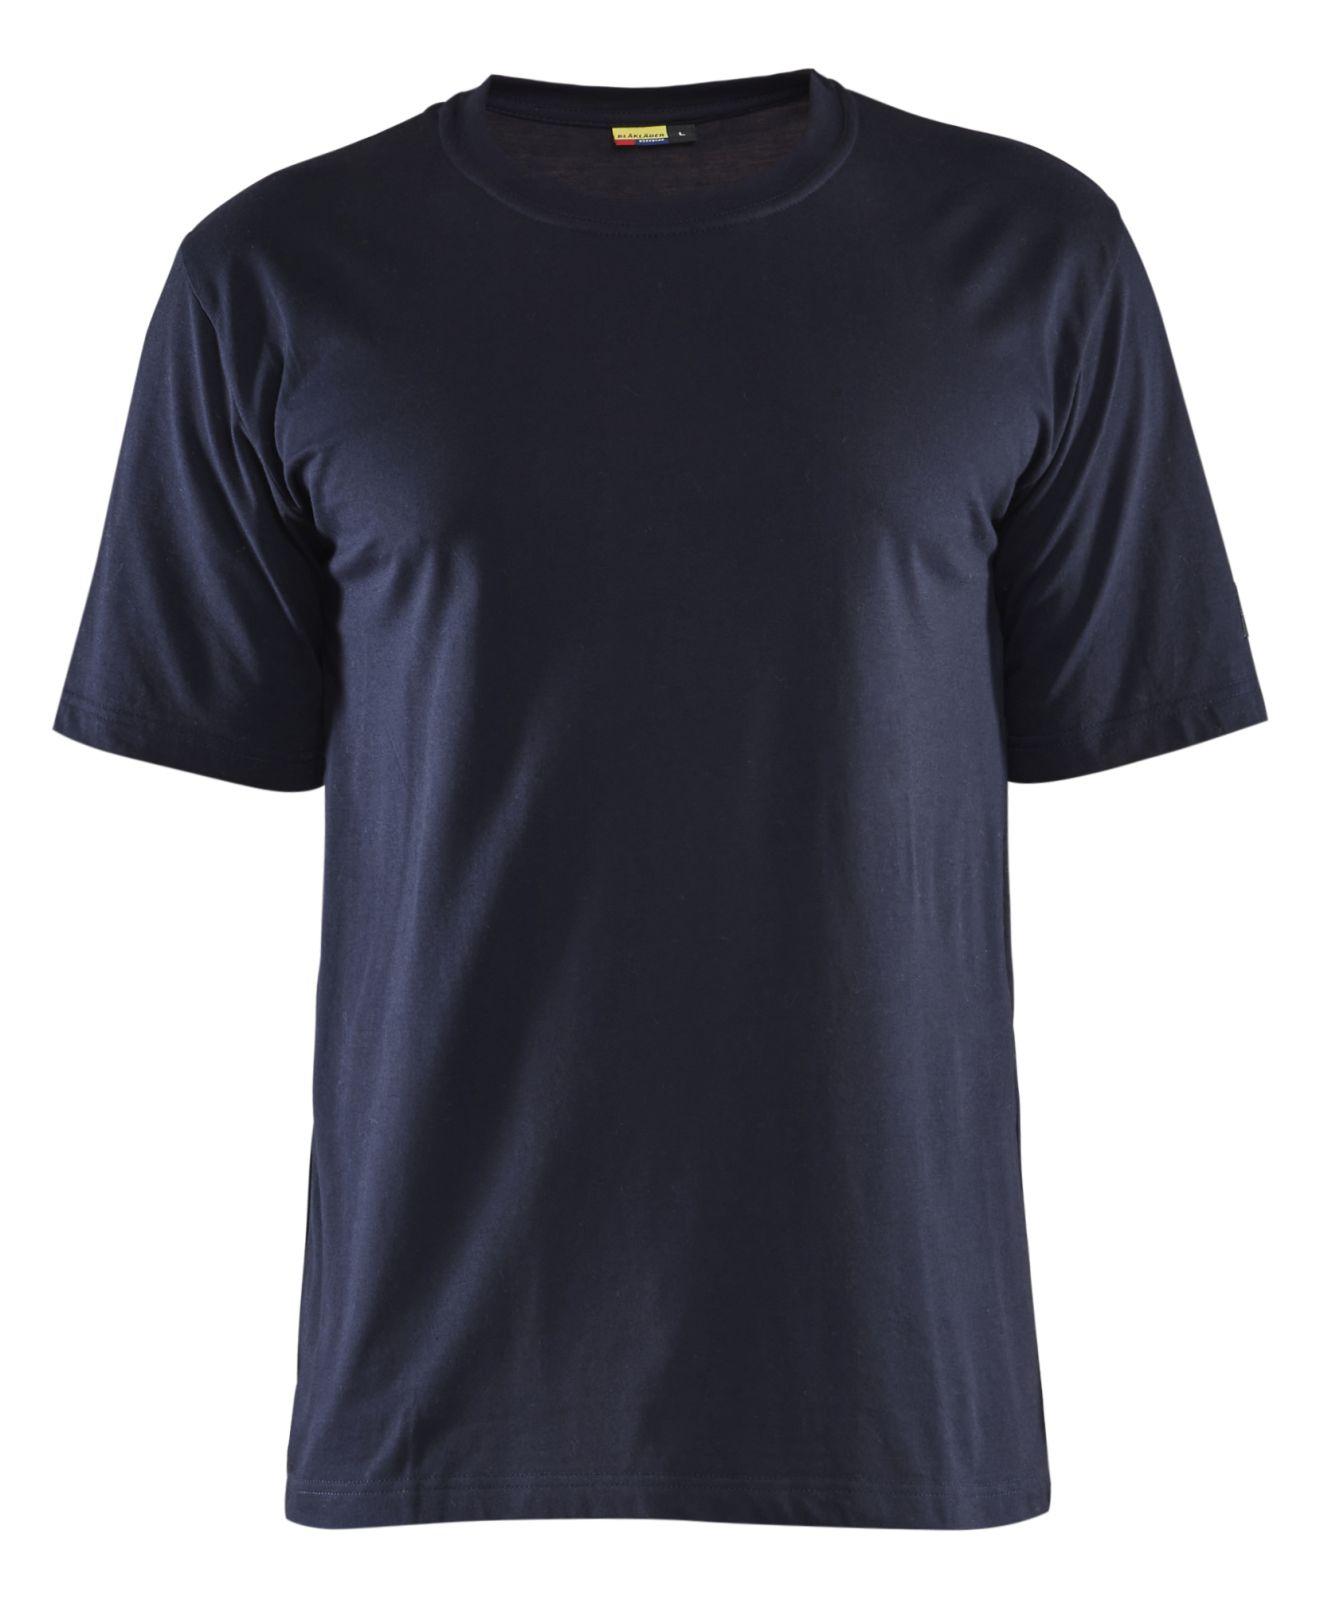 Blaklader T-shirts 34821737 marineblauw(8900)